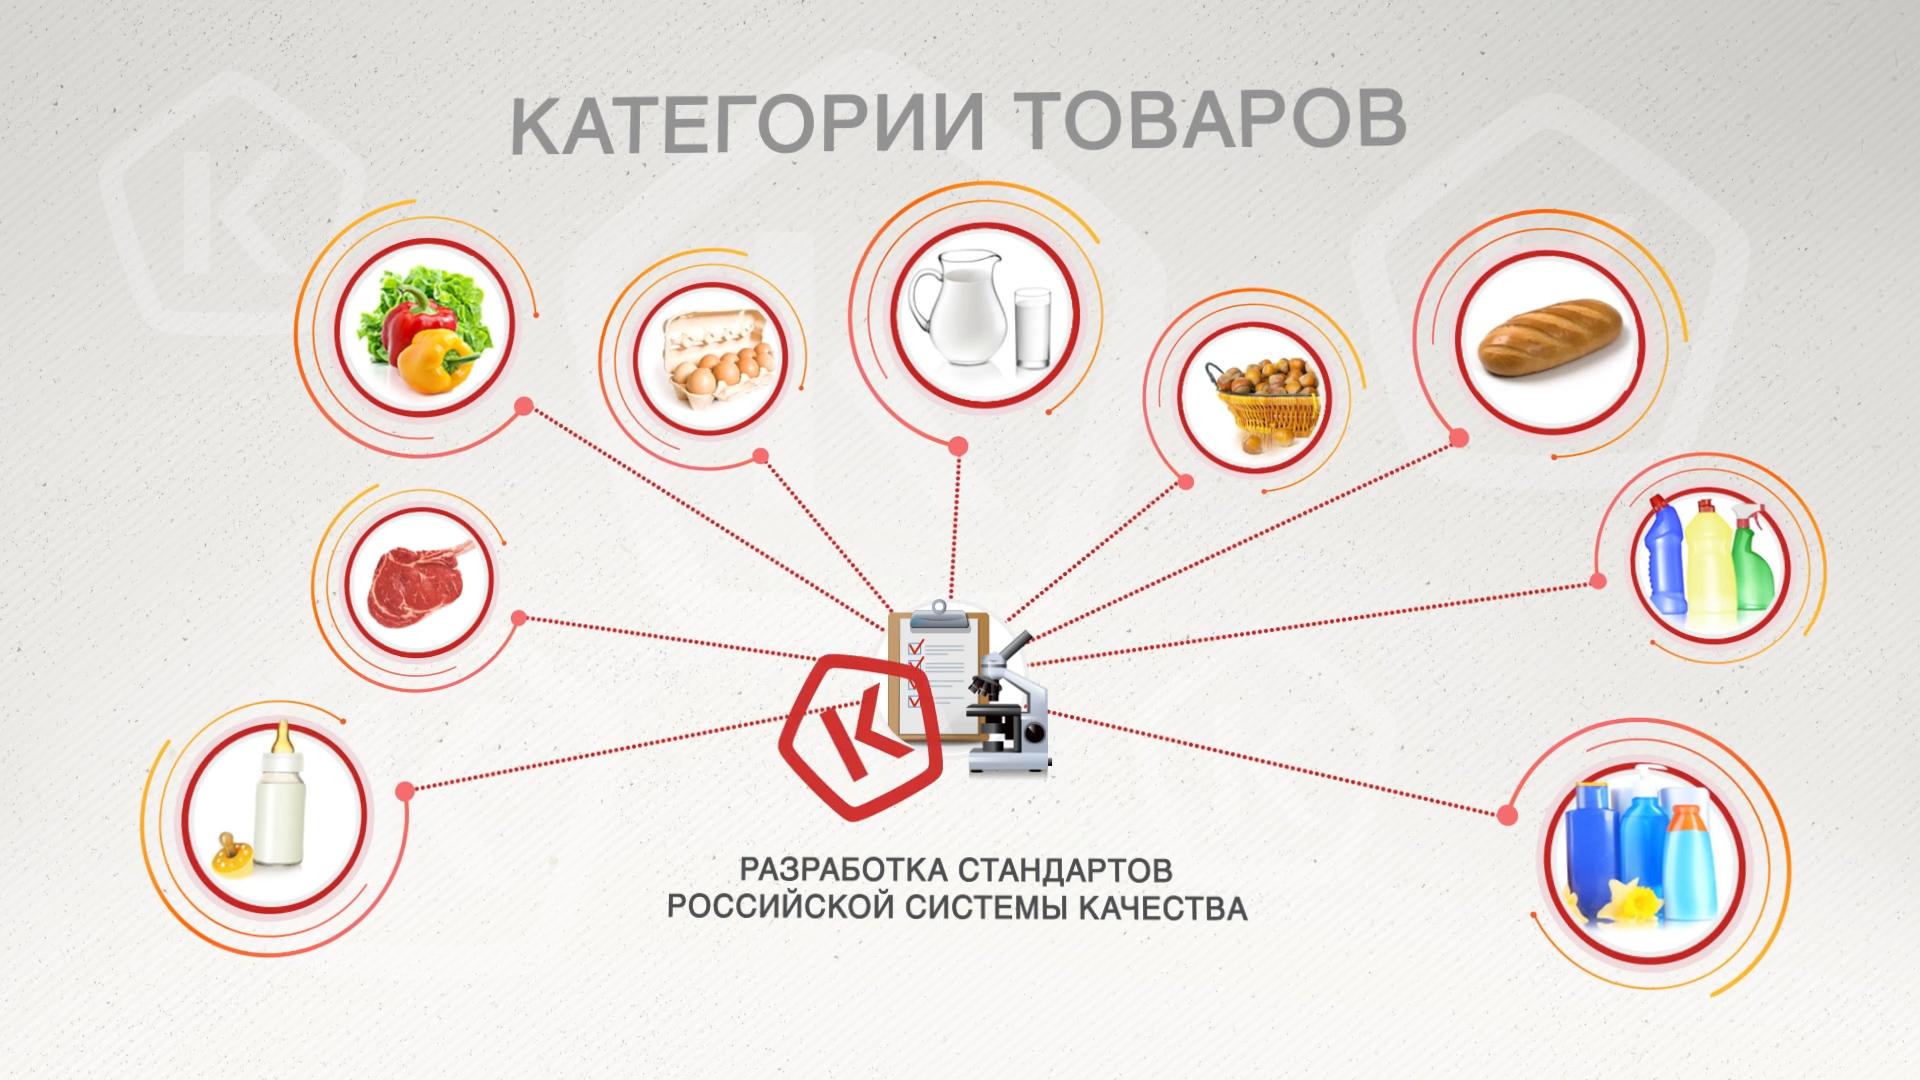 видео инфографика, анимационные ролики, 3D визуализация, создание видео инфографики